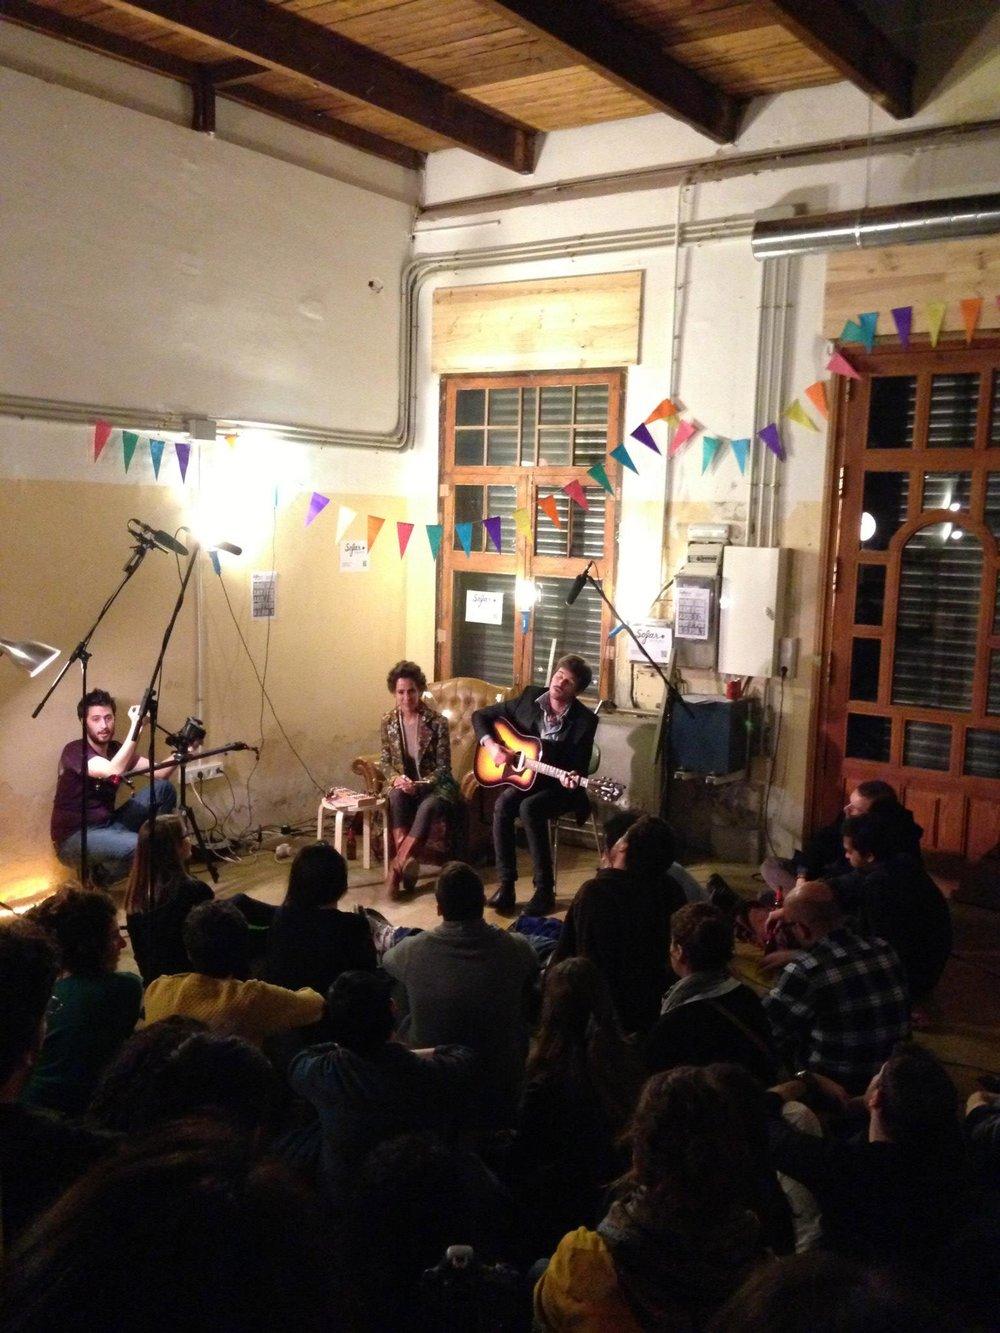 gardencoworking-sofabarcelona-concert.jpg